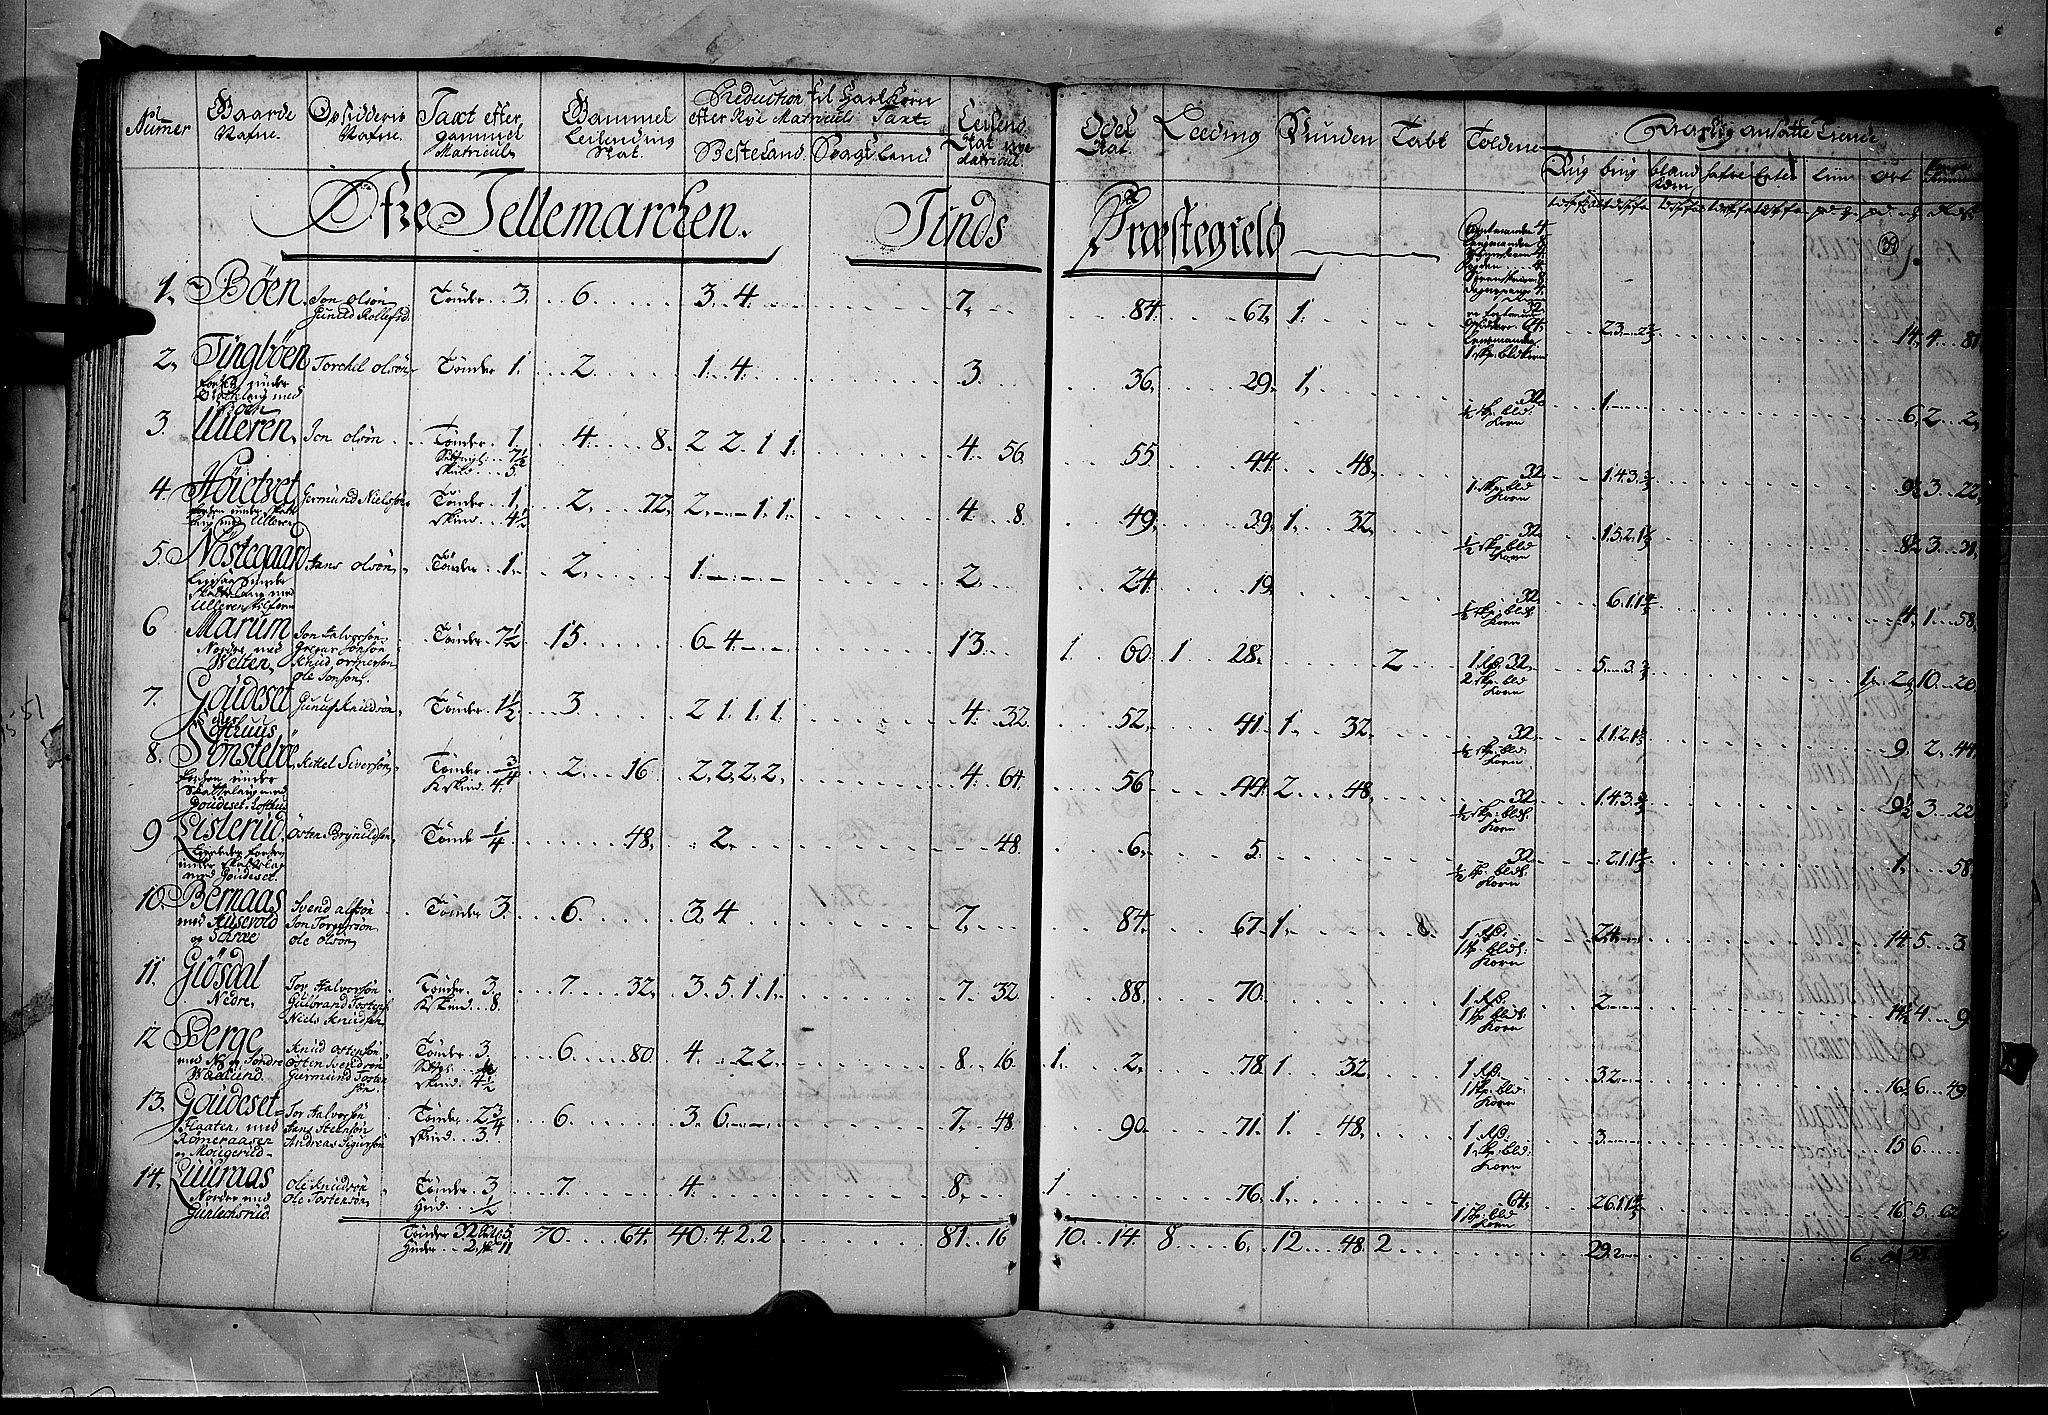 RA, Rentekammeret inntil 1814, Realistisk ordnet avdeling, N/Nb/Nbf/L0122: Øvre og Nedre Telemark matrikkelprotokoll, 1723, s. 38b-39a